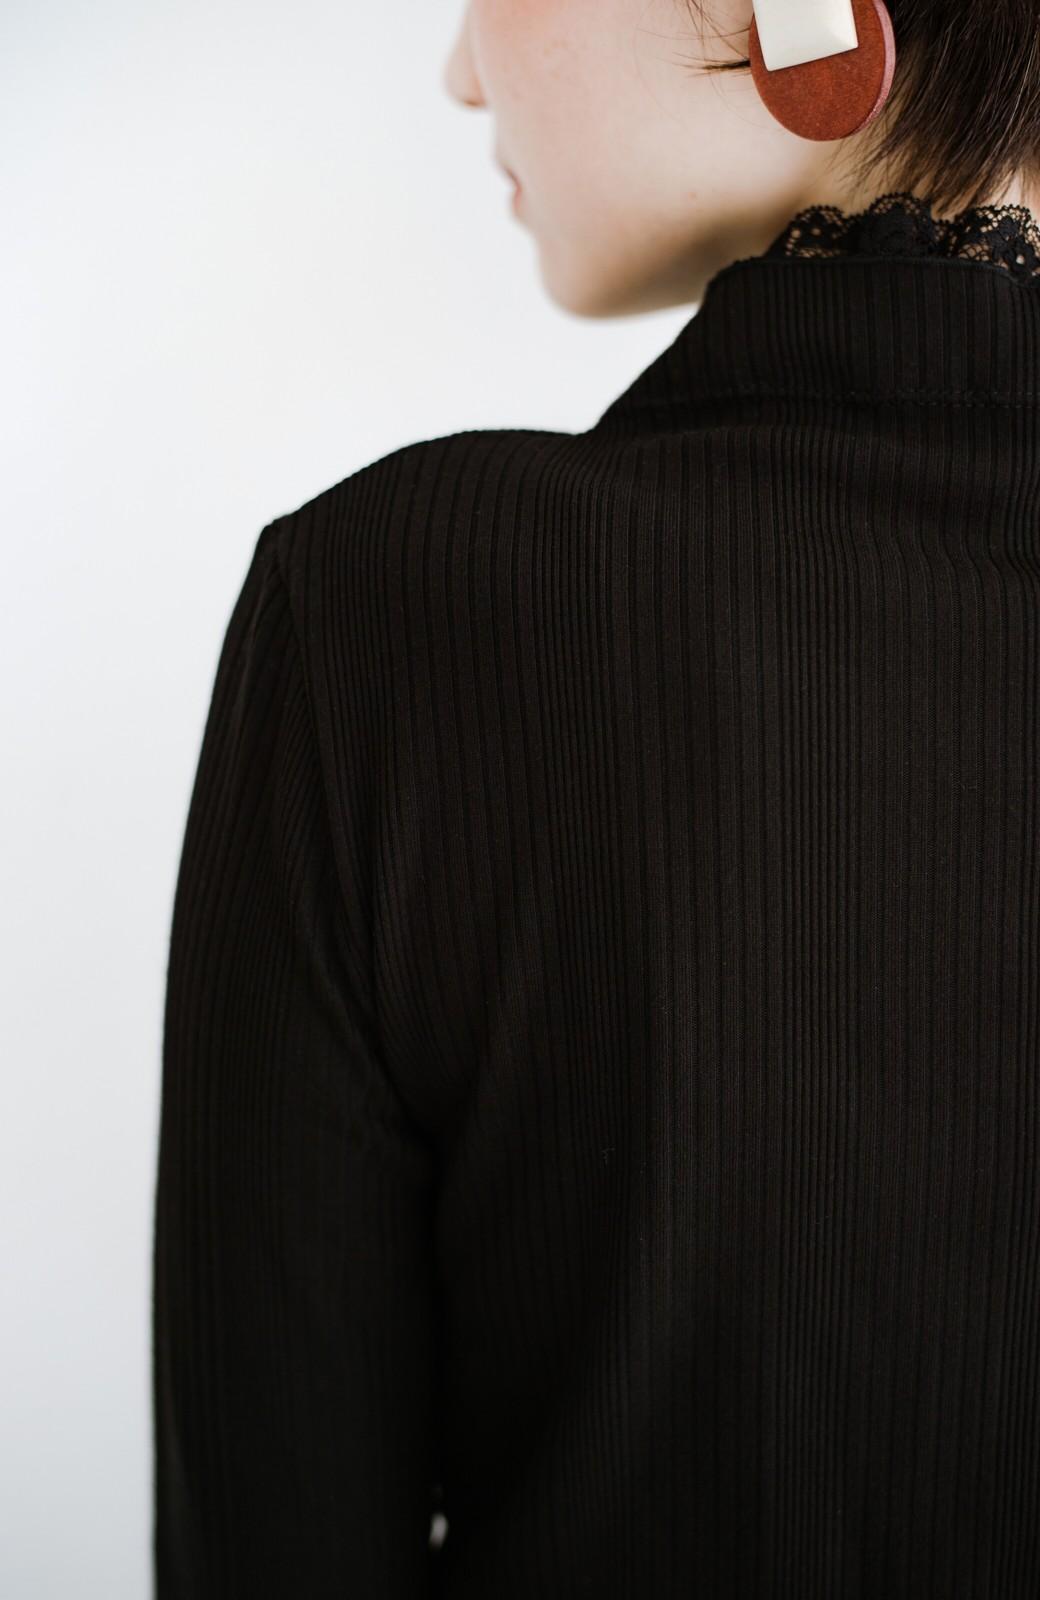 haco! 1枚でも重ねても便利!テレコ素材できれいに着られる衿レース付きカットソートップスby style zampa <ブラック>の商品写真7